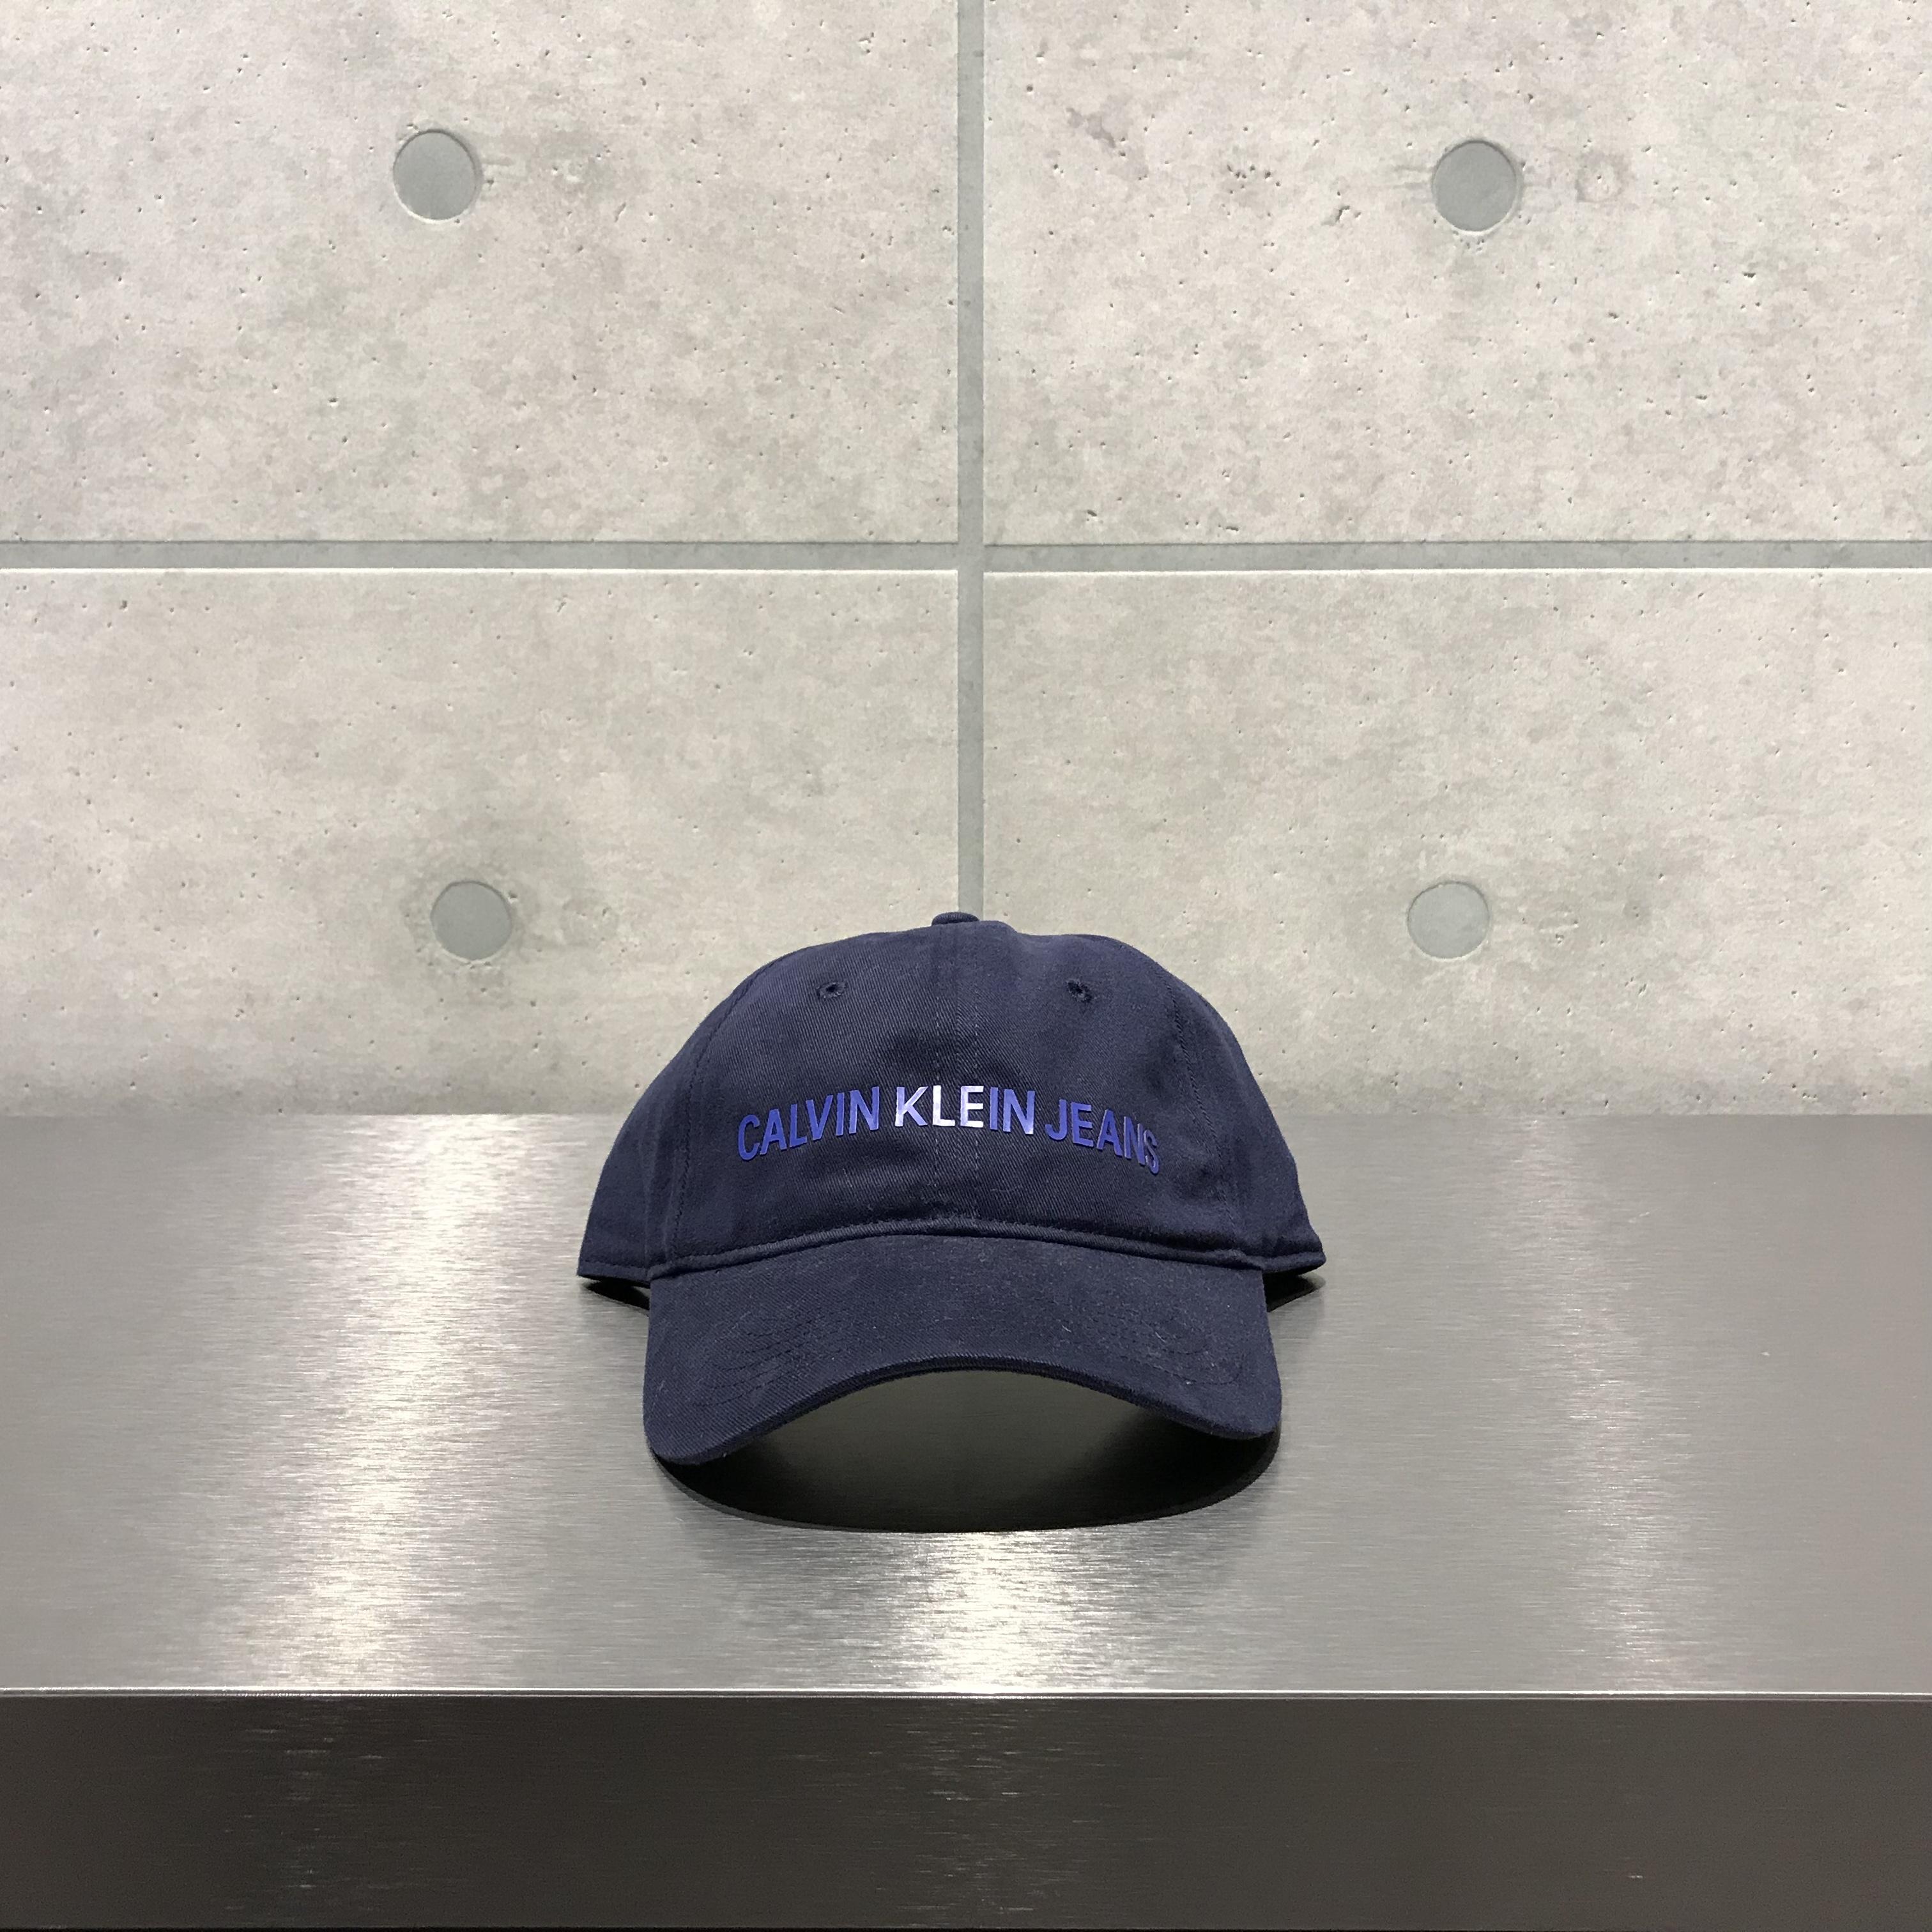 Calvin Klein LOGO 6-PANEL CAP / NAVY x BLUE